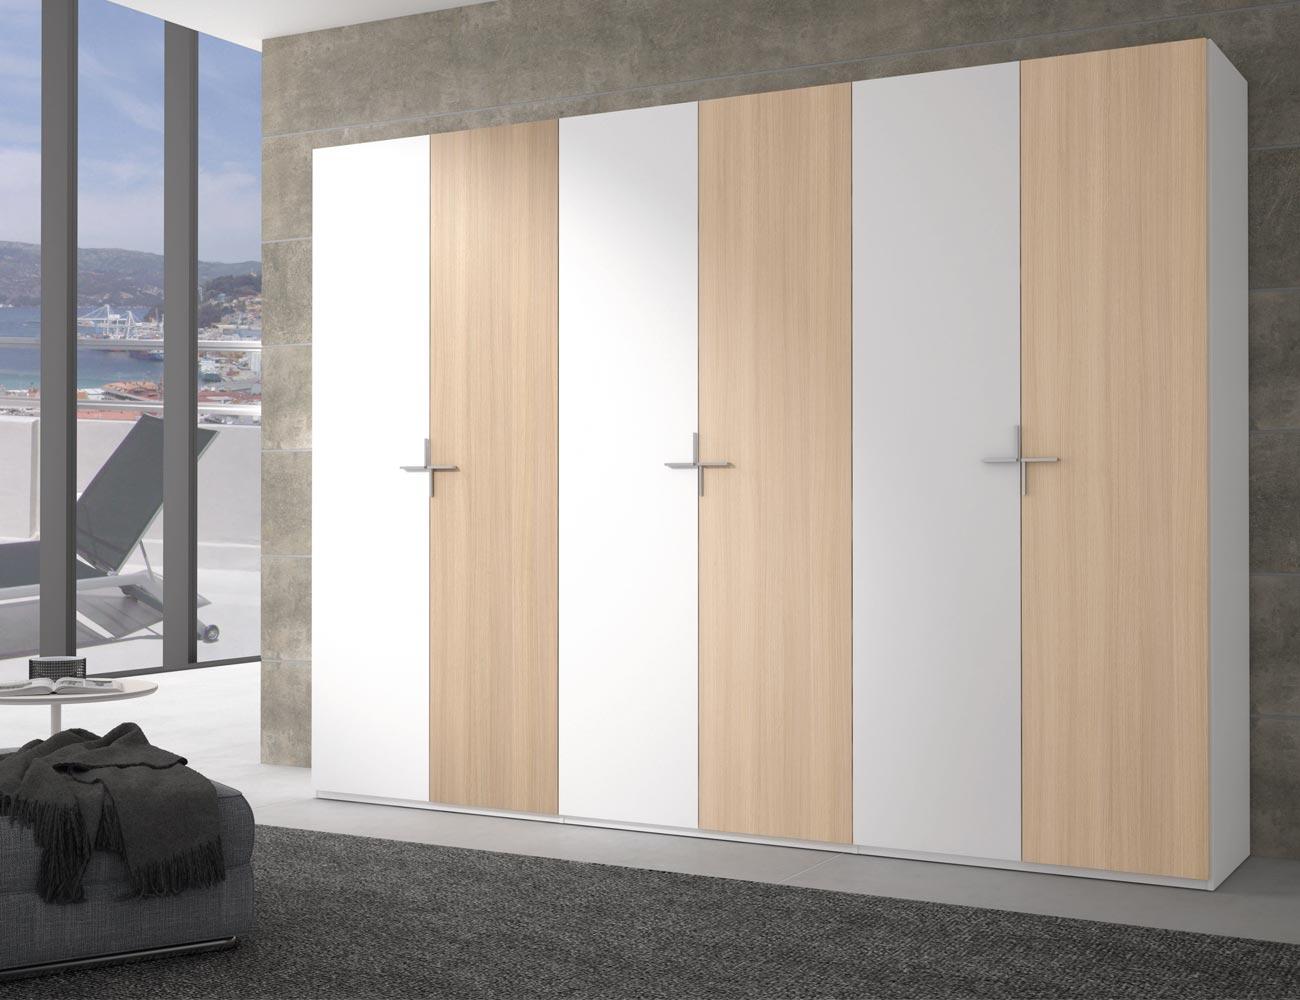 Armario puertas abatibles blanco roble2